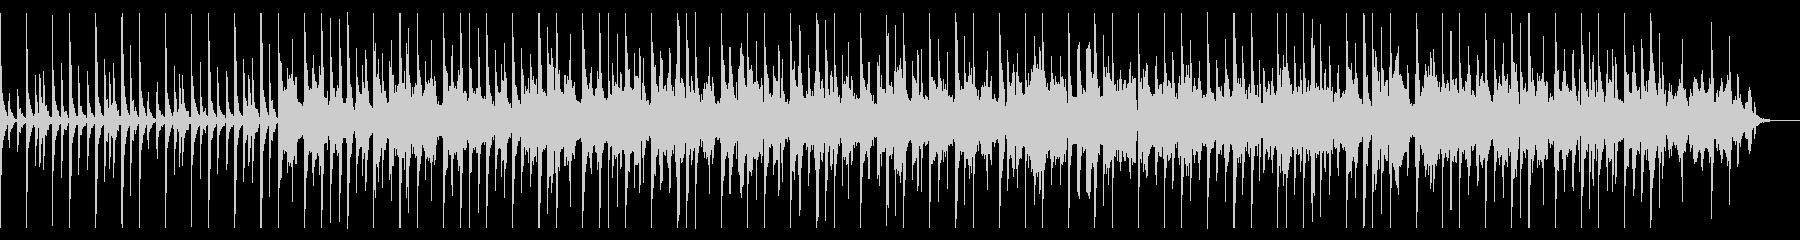 KANTアフリカンテイストBGM2017の未再生の波形